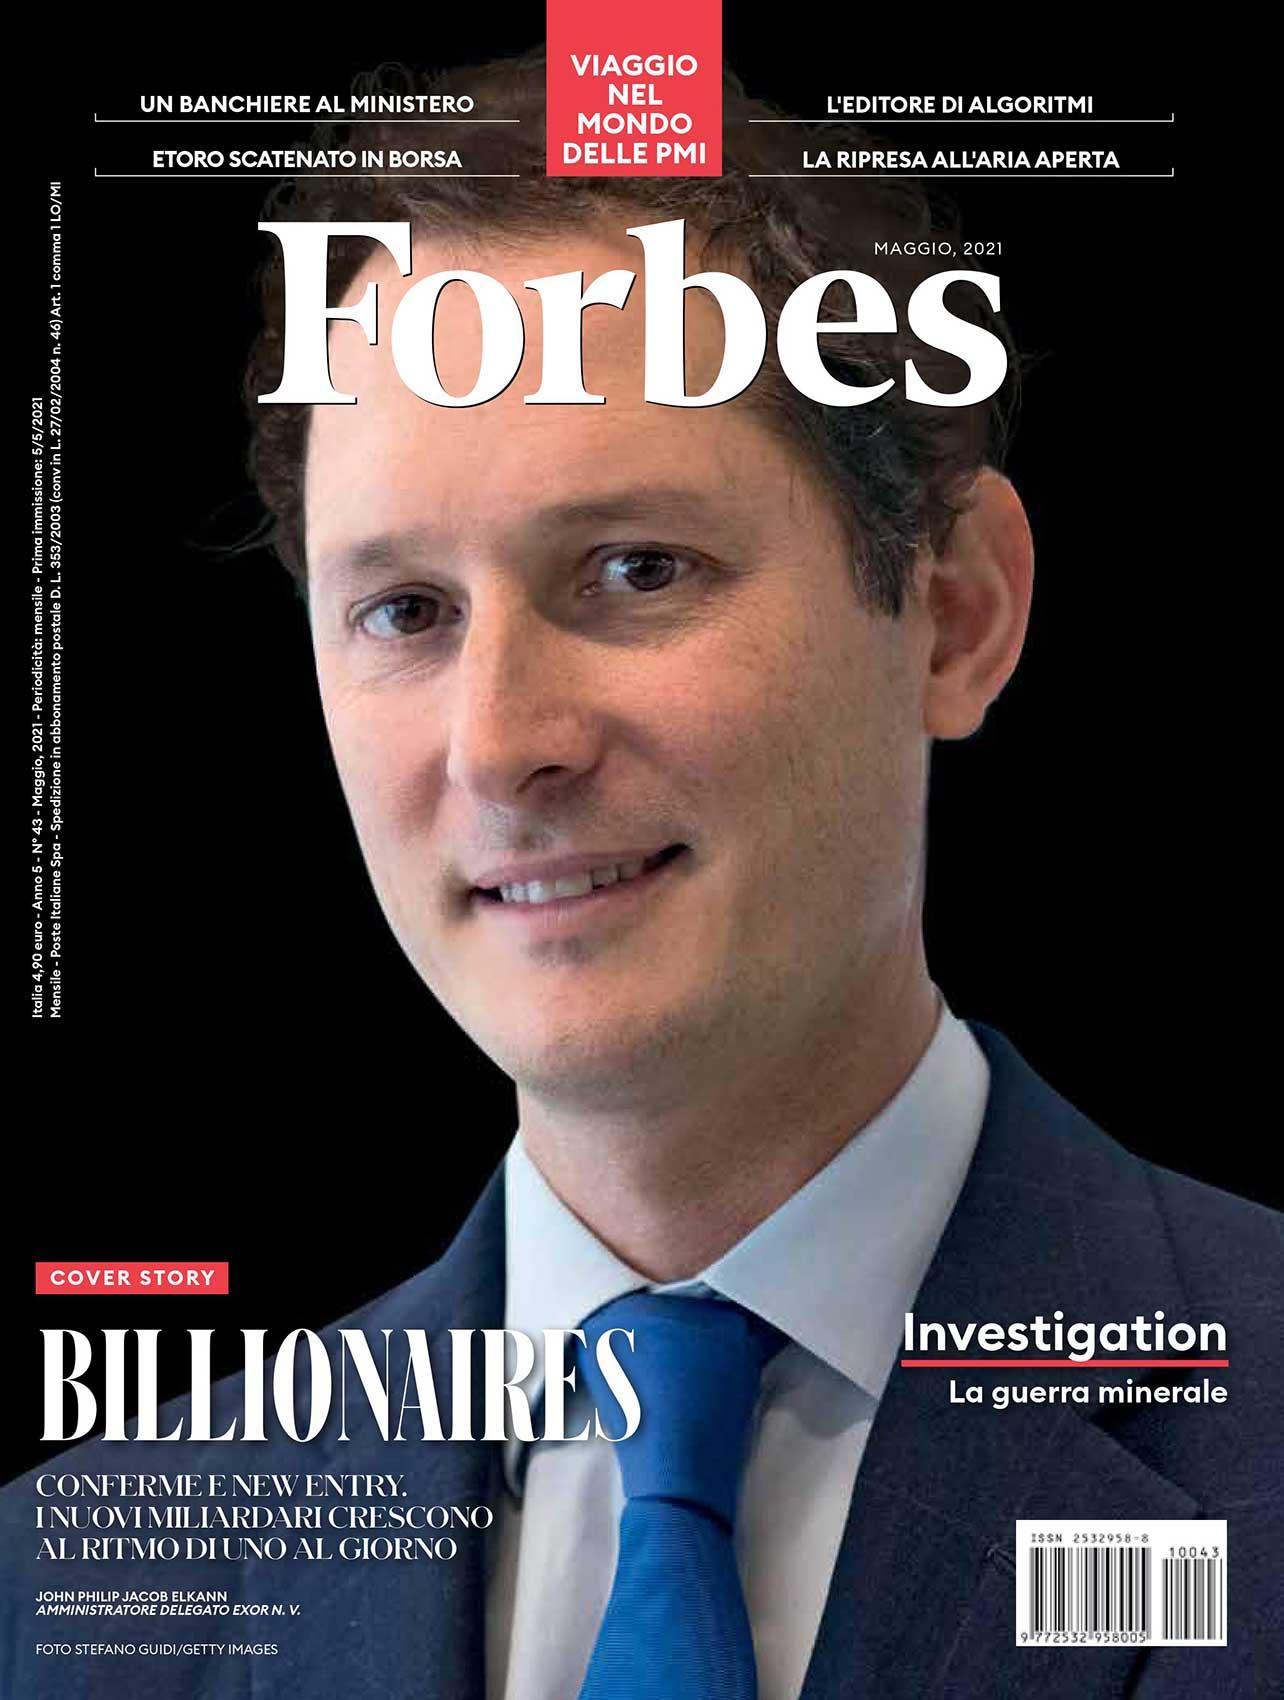 Copertina Forbes maggio